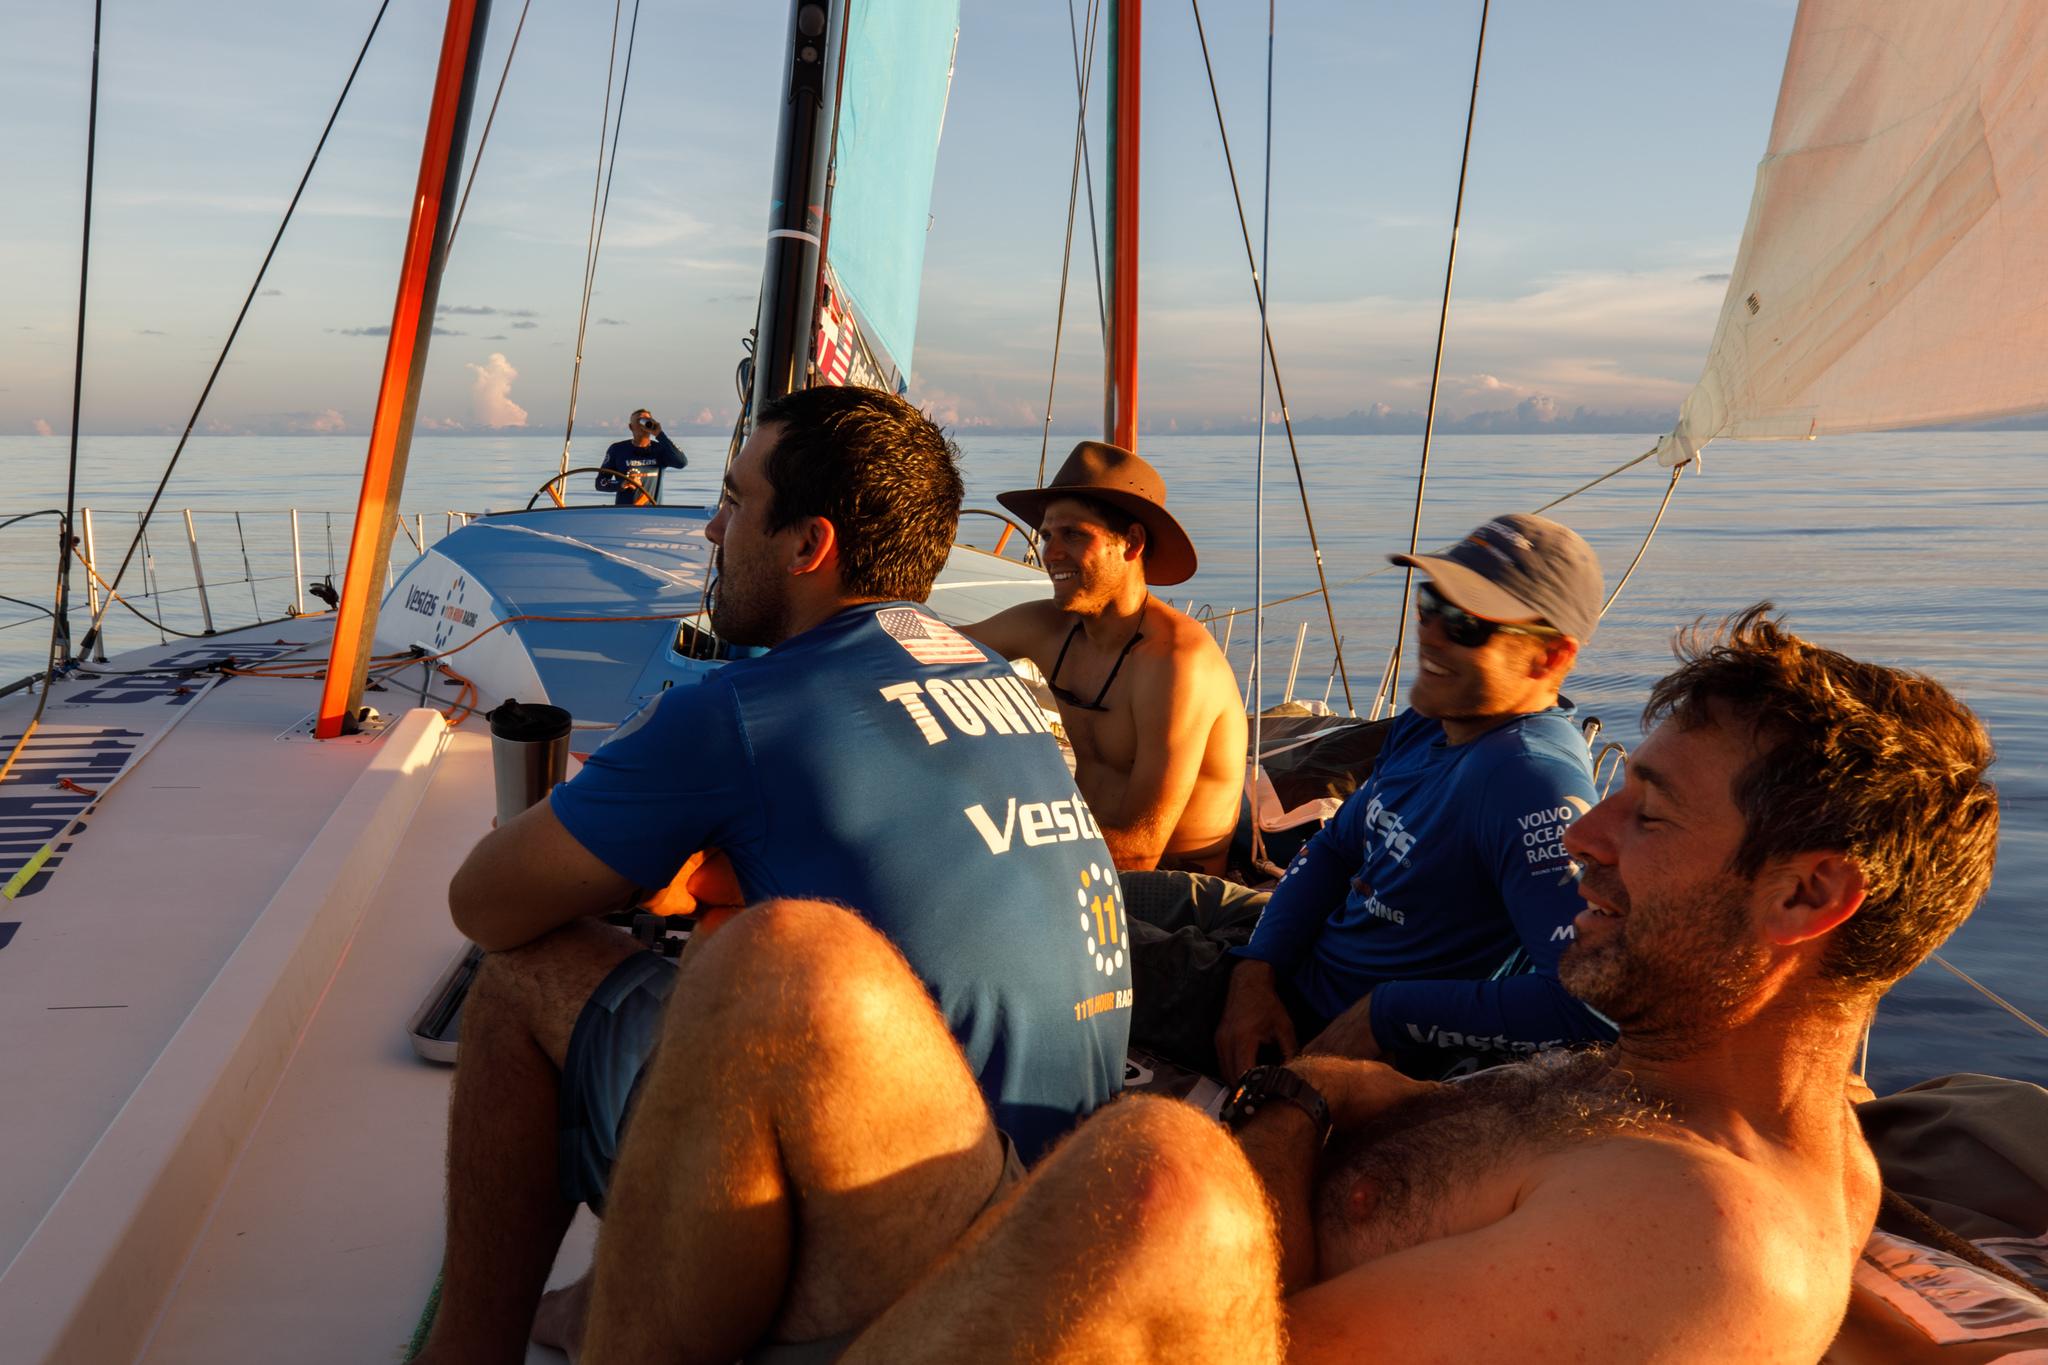 La tripulación del Vestas, en cubierta, durante el paso por los...